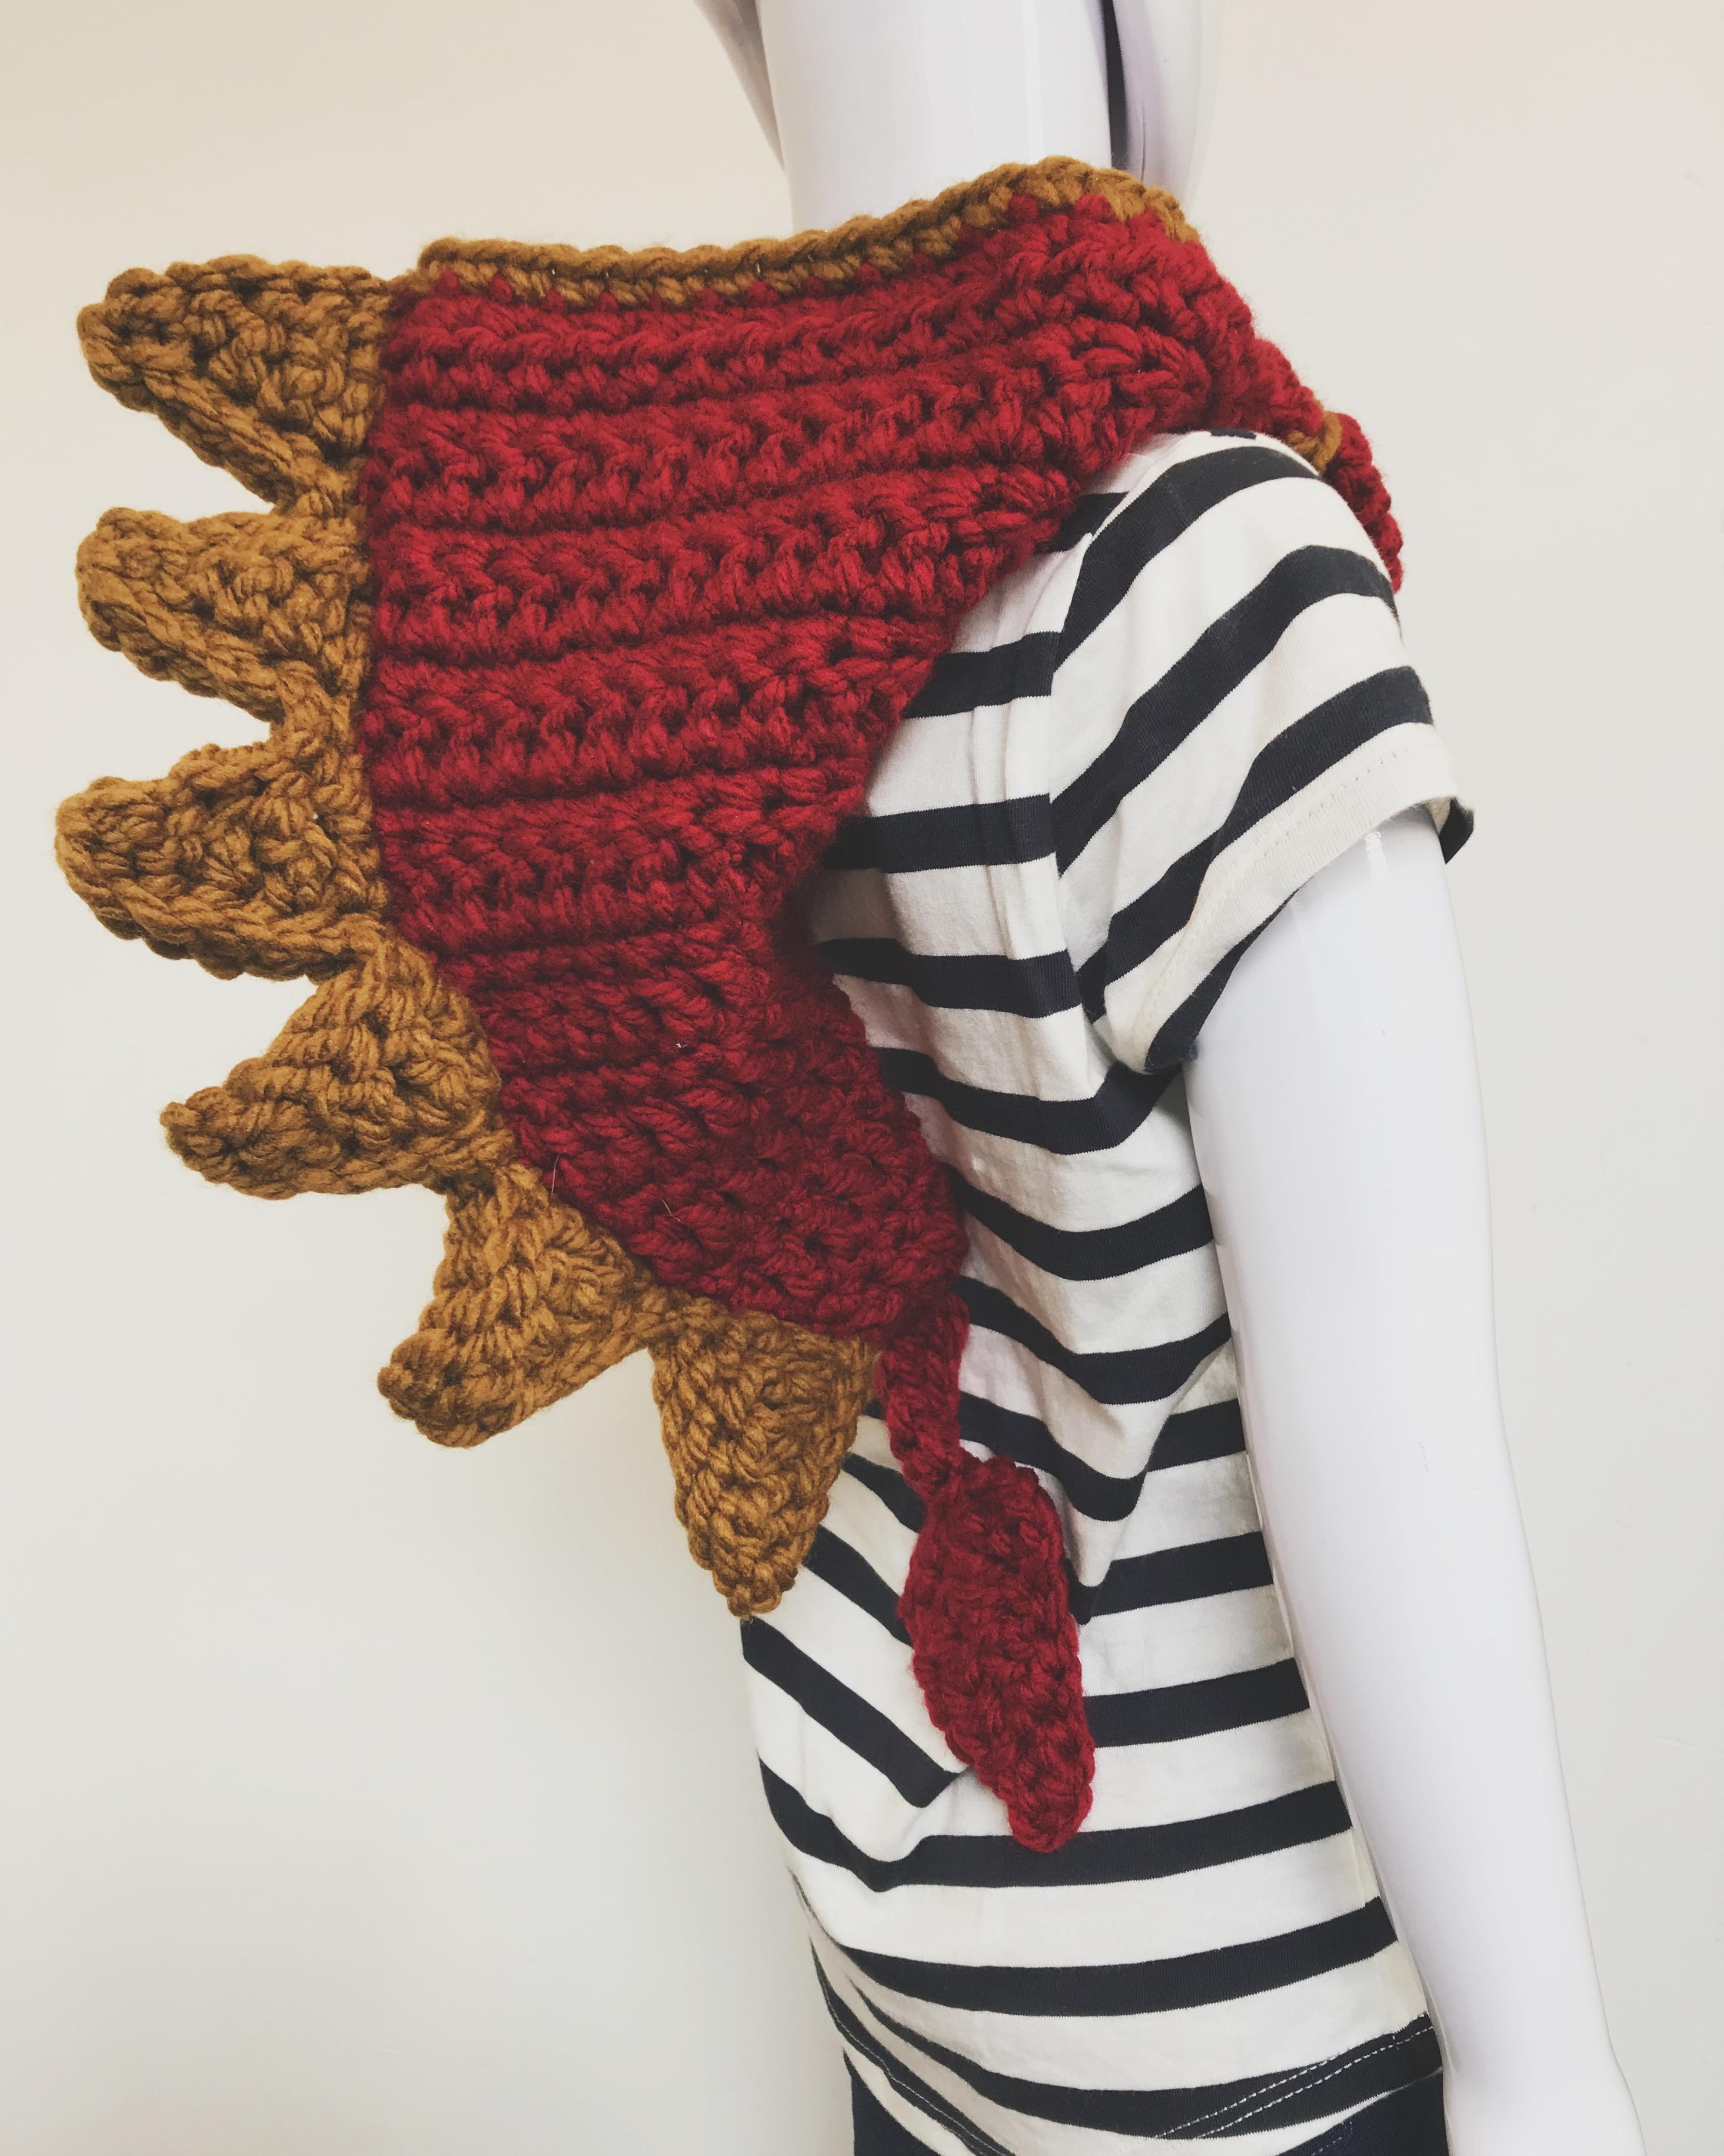 Crochet Dragon Cowl Back View